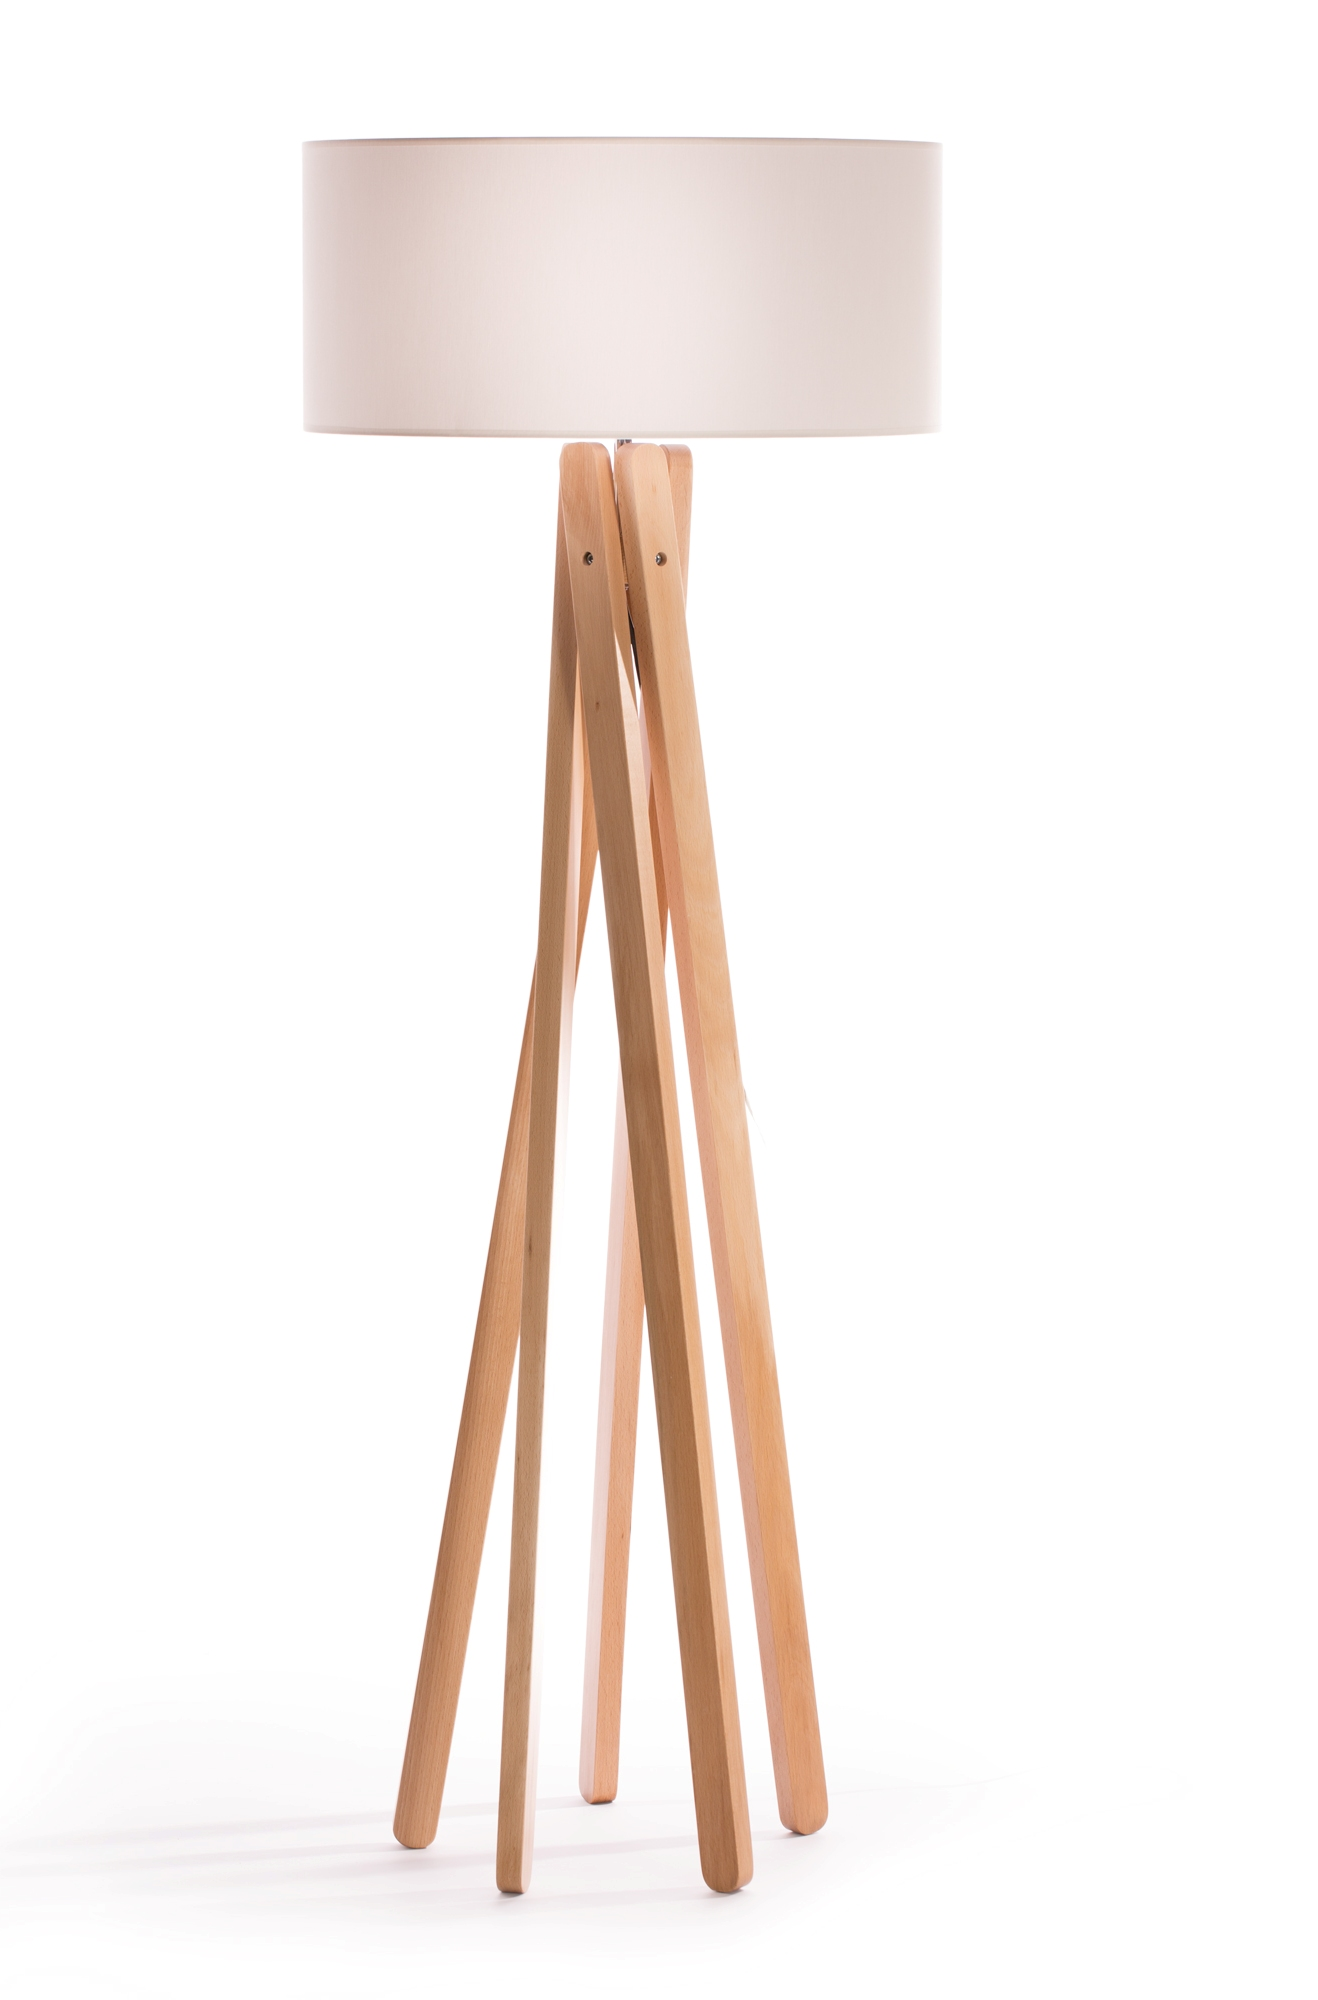 Full Size of Stehlampen Wohnzimmer Stehlampe Dimmbar Led Geeignet Lampen Deckenlampe Deckenlampen Modern Deckenleuchte Schrank Tapeten Ideen Wandbild Teppiche Anbauwand Wohnzimmer Stehlampen Wohnzimmer